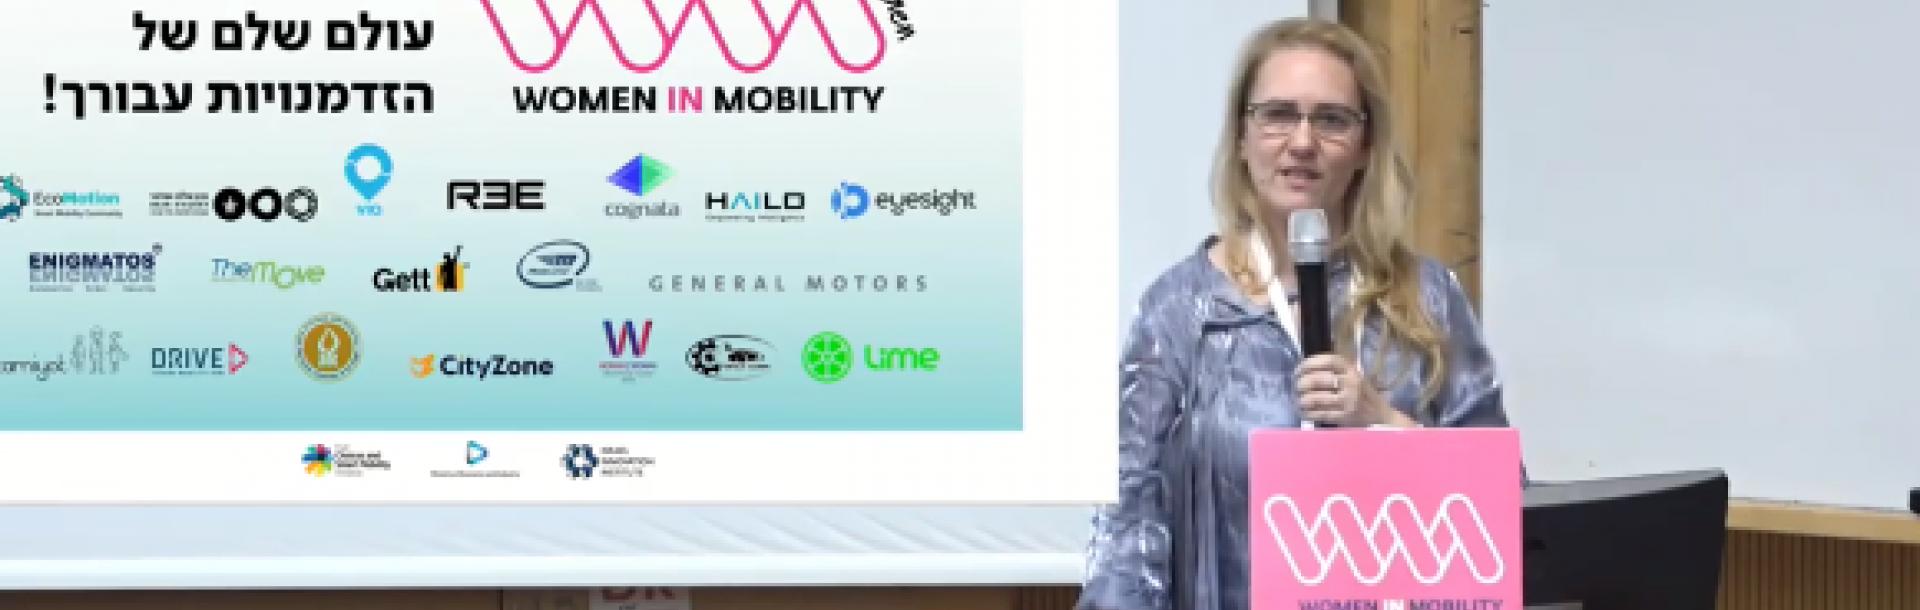 """כנס """"Women in Mobility - Next Gen"""""""